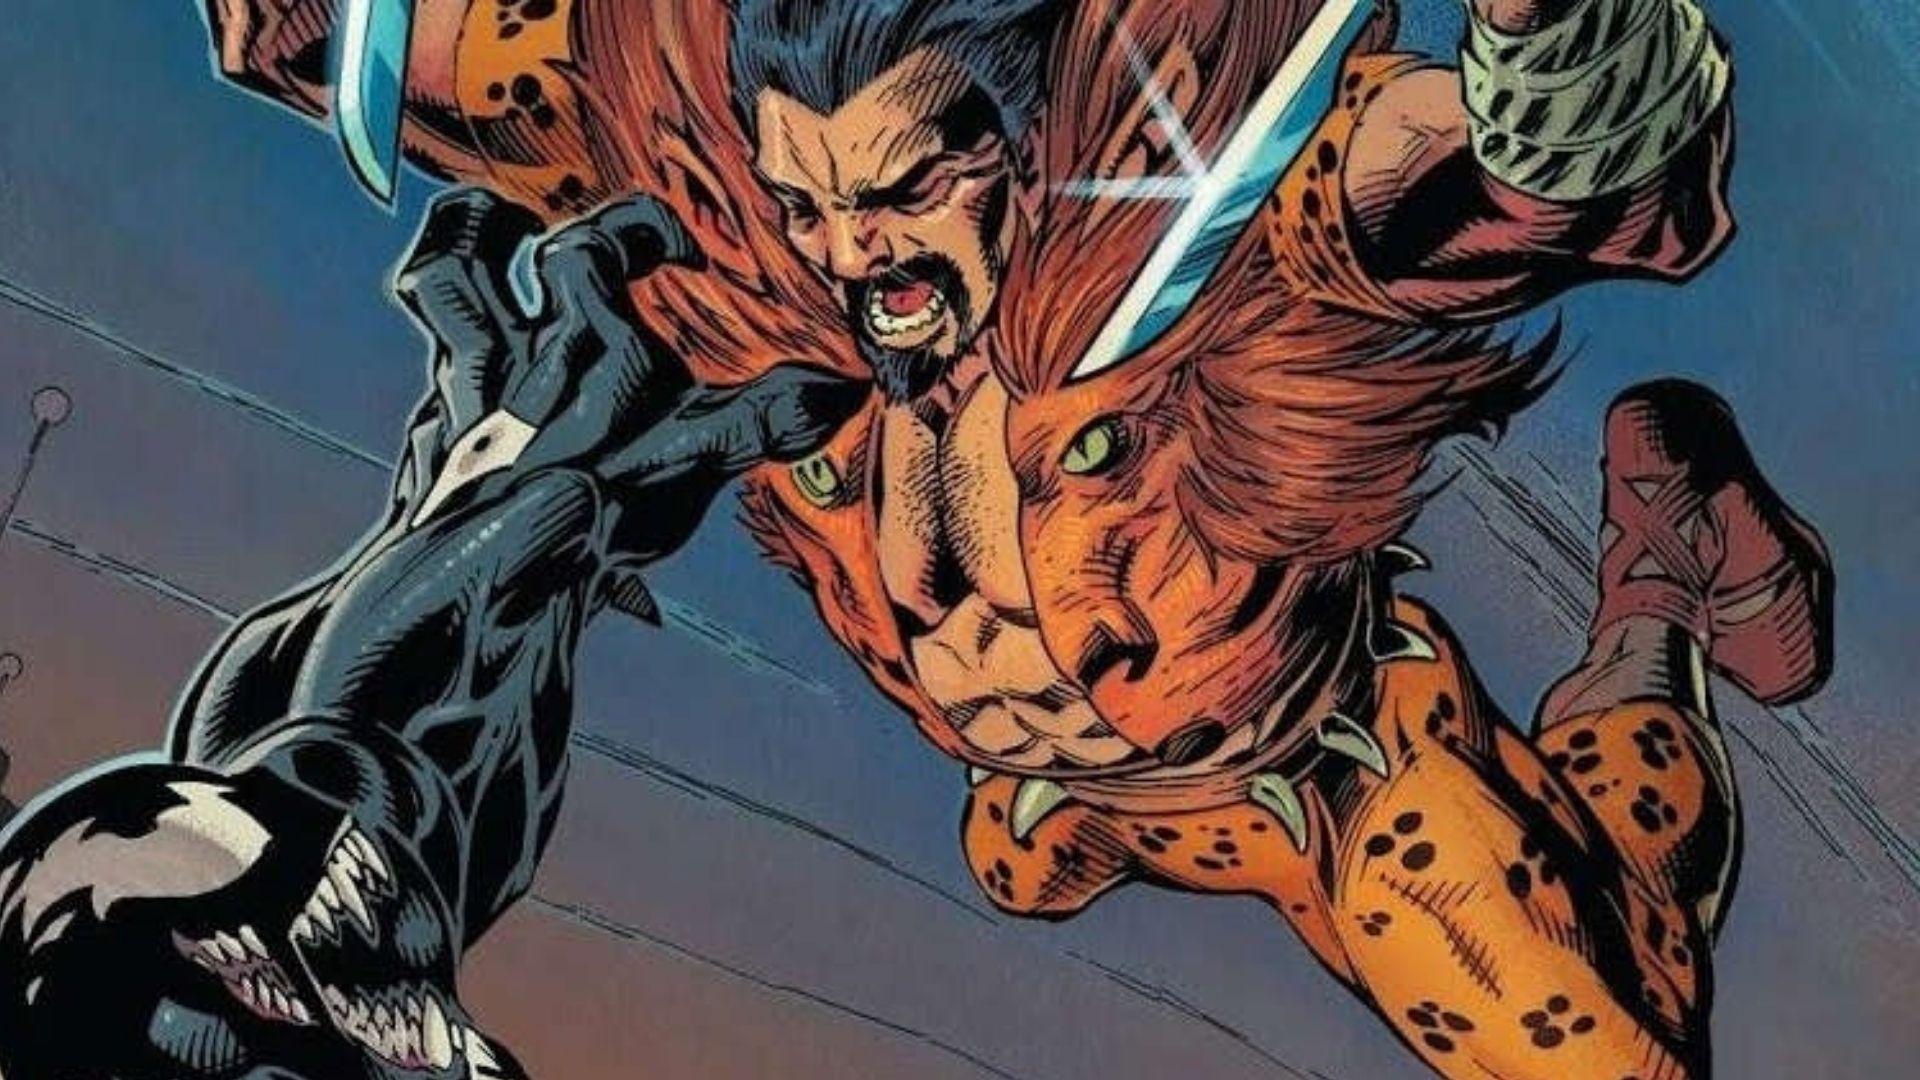 【スパイダーマン】クレイブン・ザ・ハンターの強さ・能力について解説!【マーベル原作】